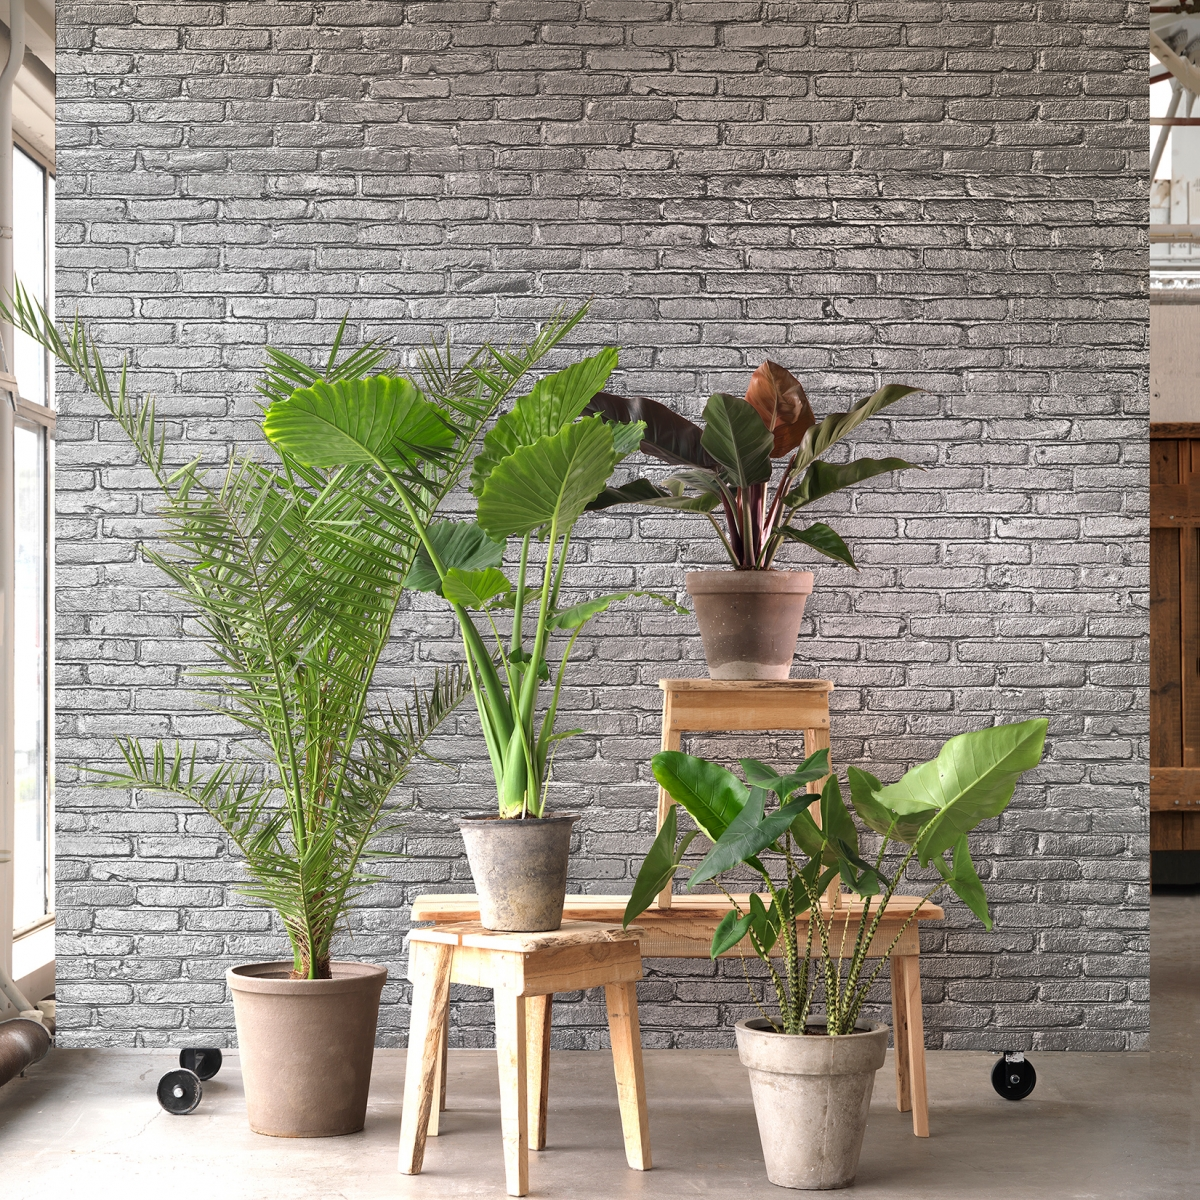 Tapet designer Materials - Brick by Piet Hein Eek, PHM, NLXL, 4.9mp / rola